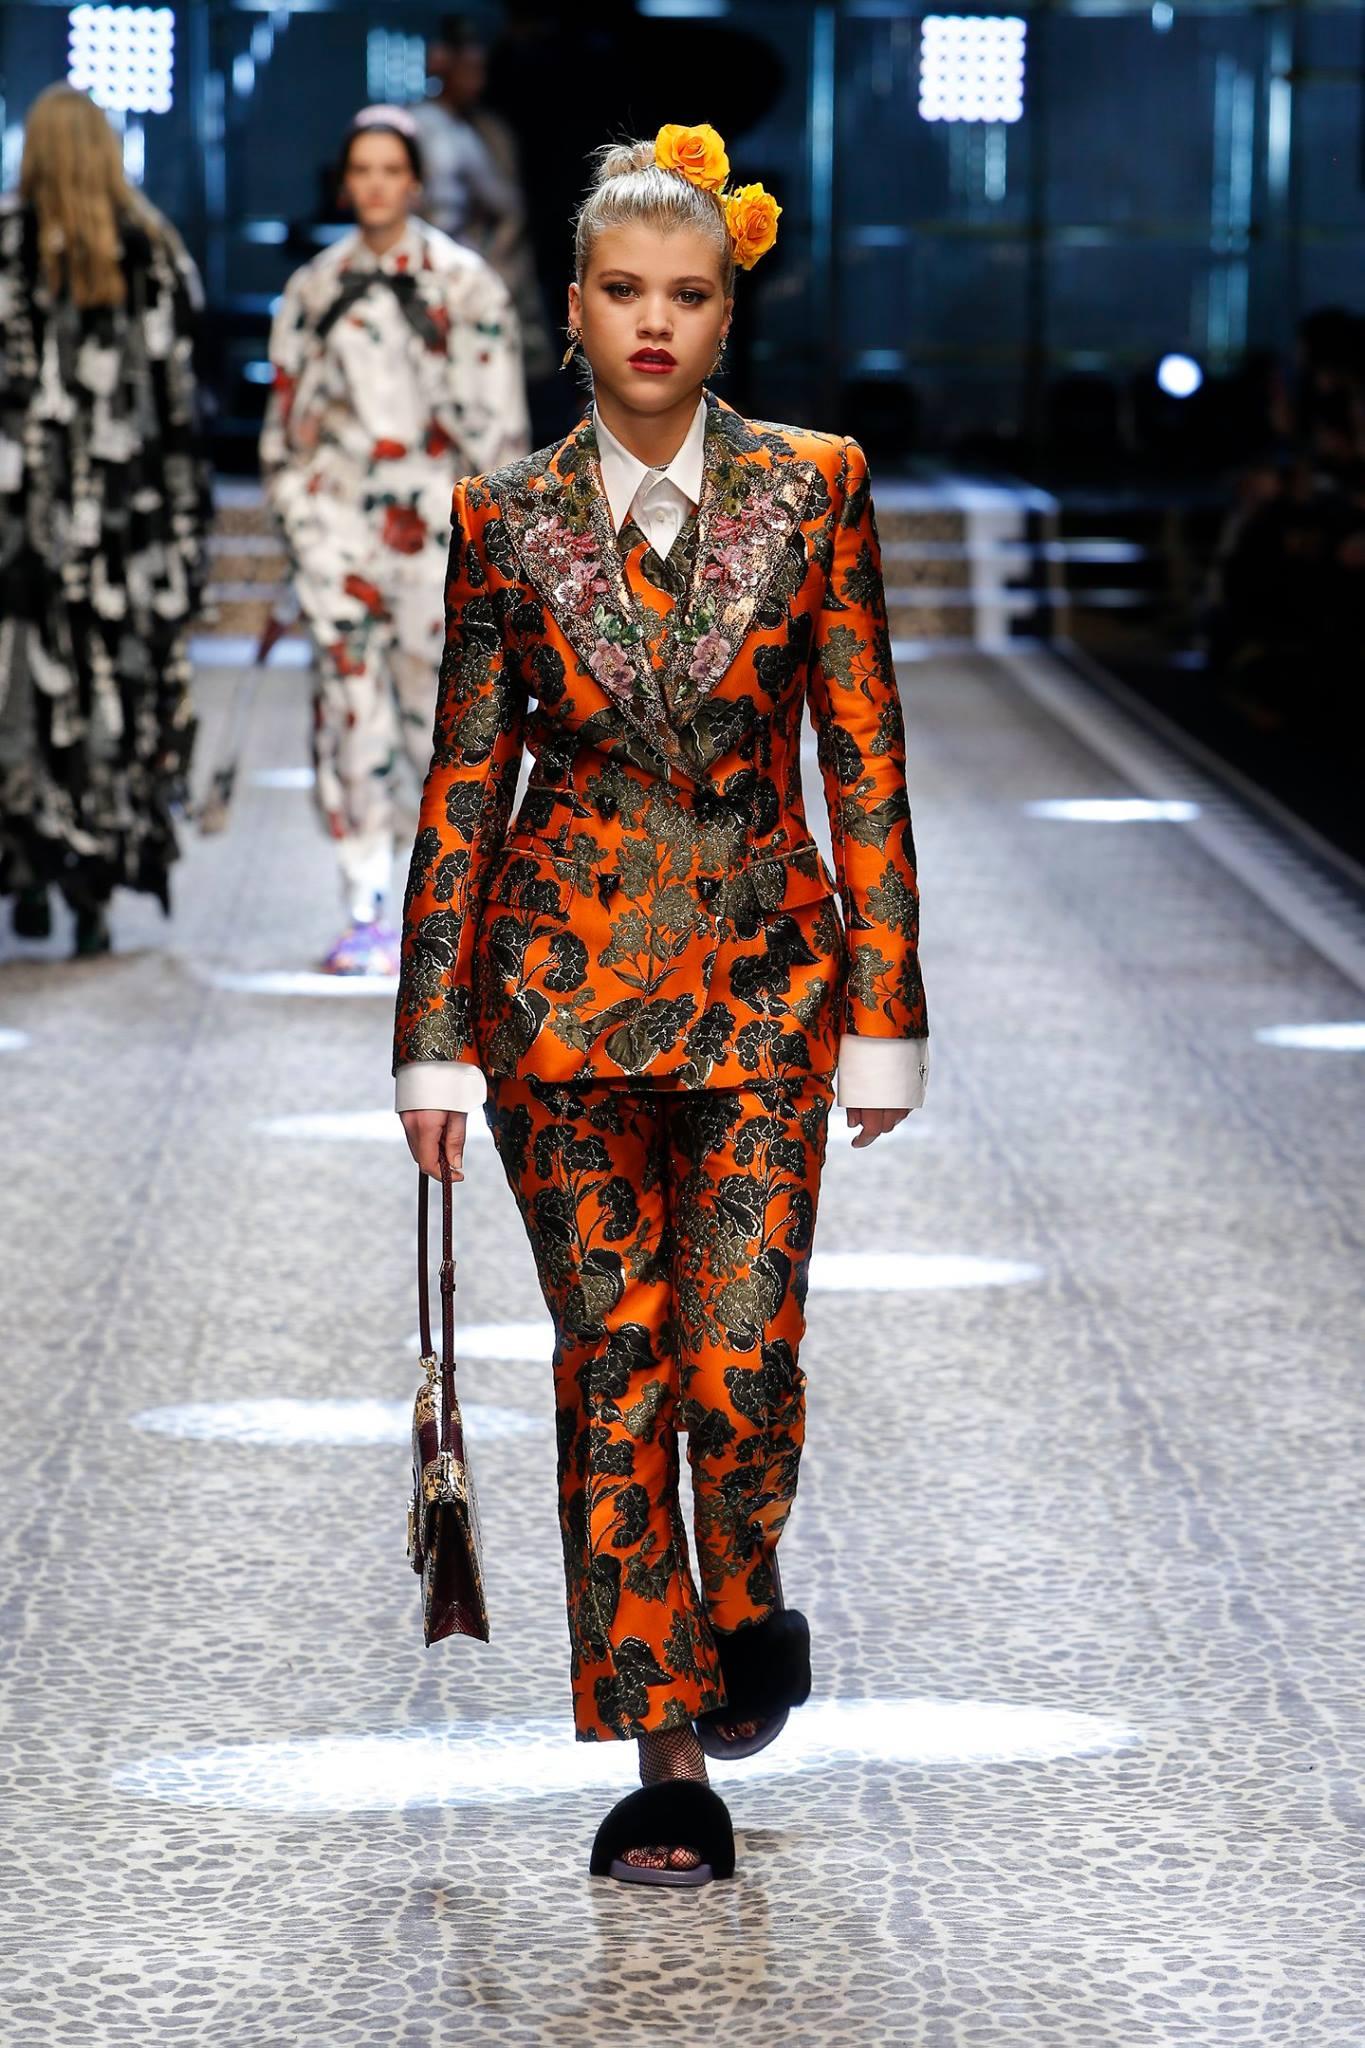 Moda Autunno Inverno 2017-2018, colori di tendenza da Milano Moda Donna, foto